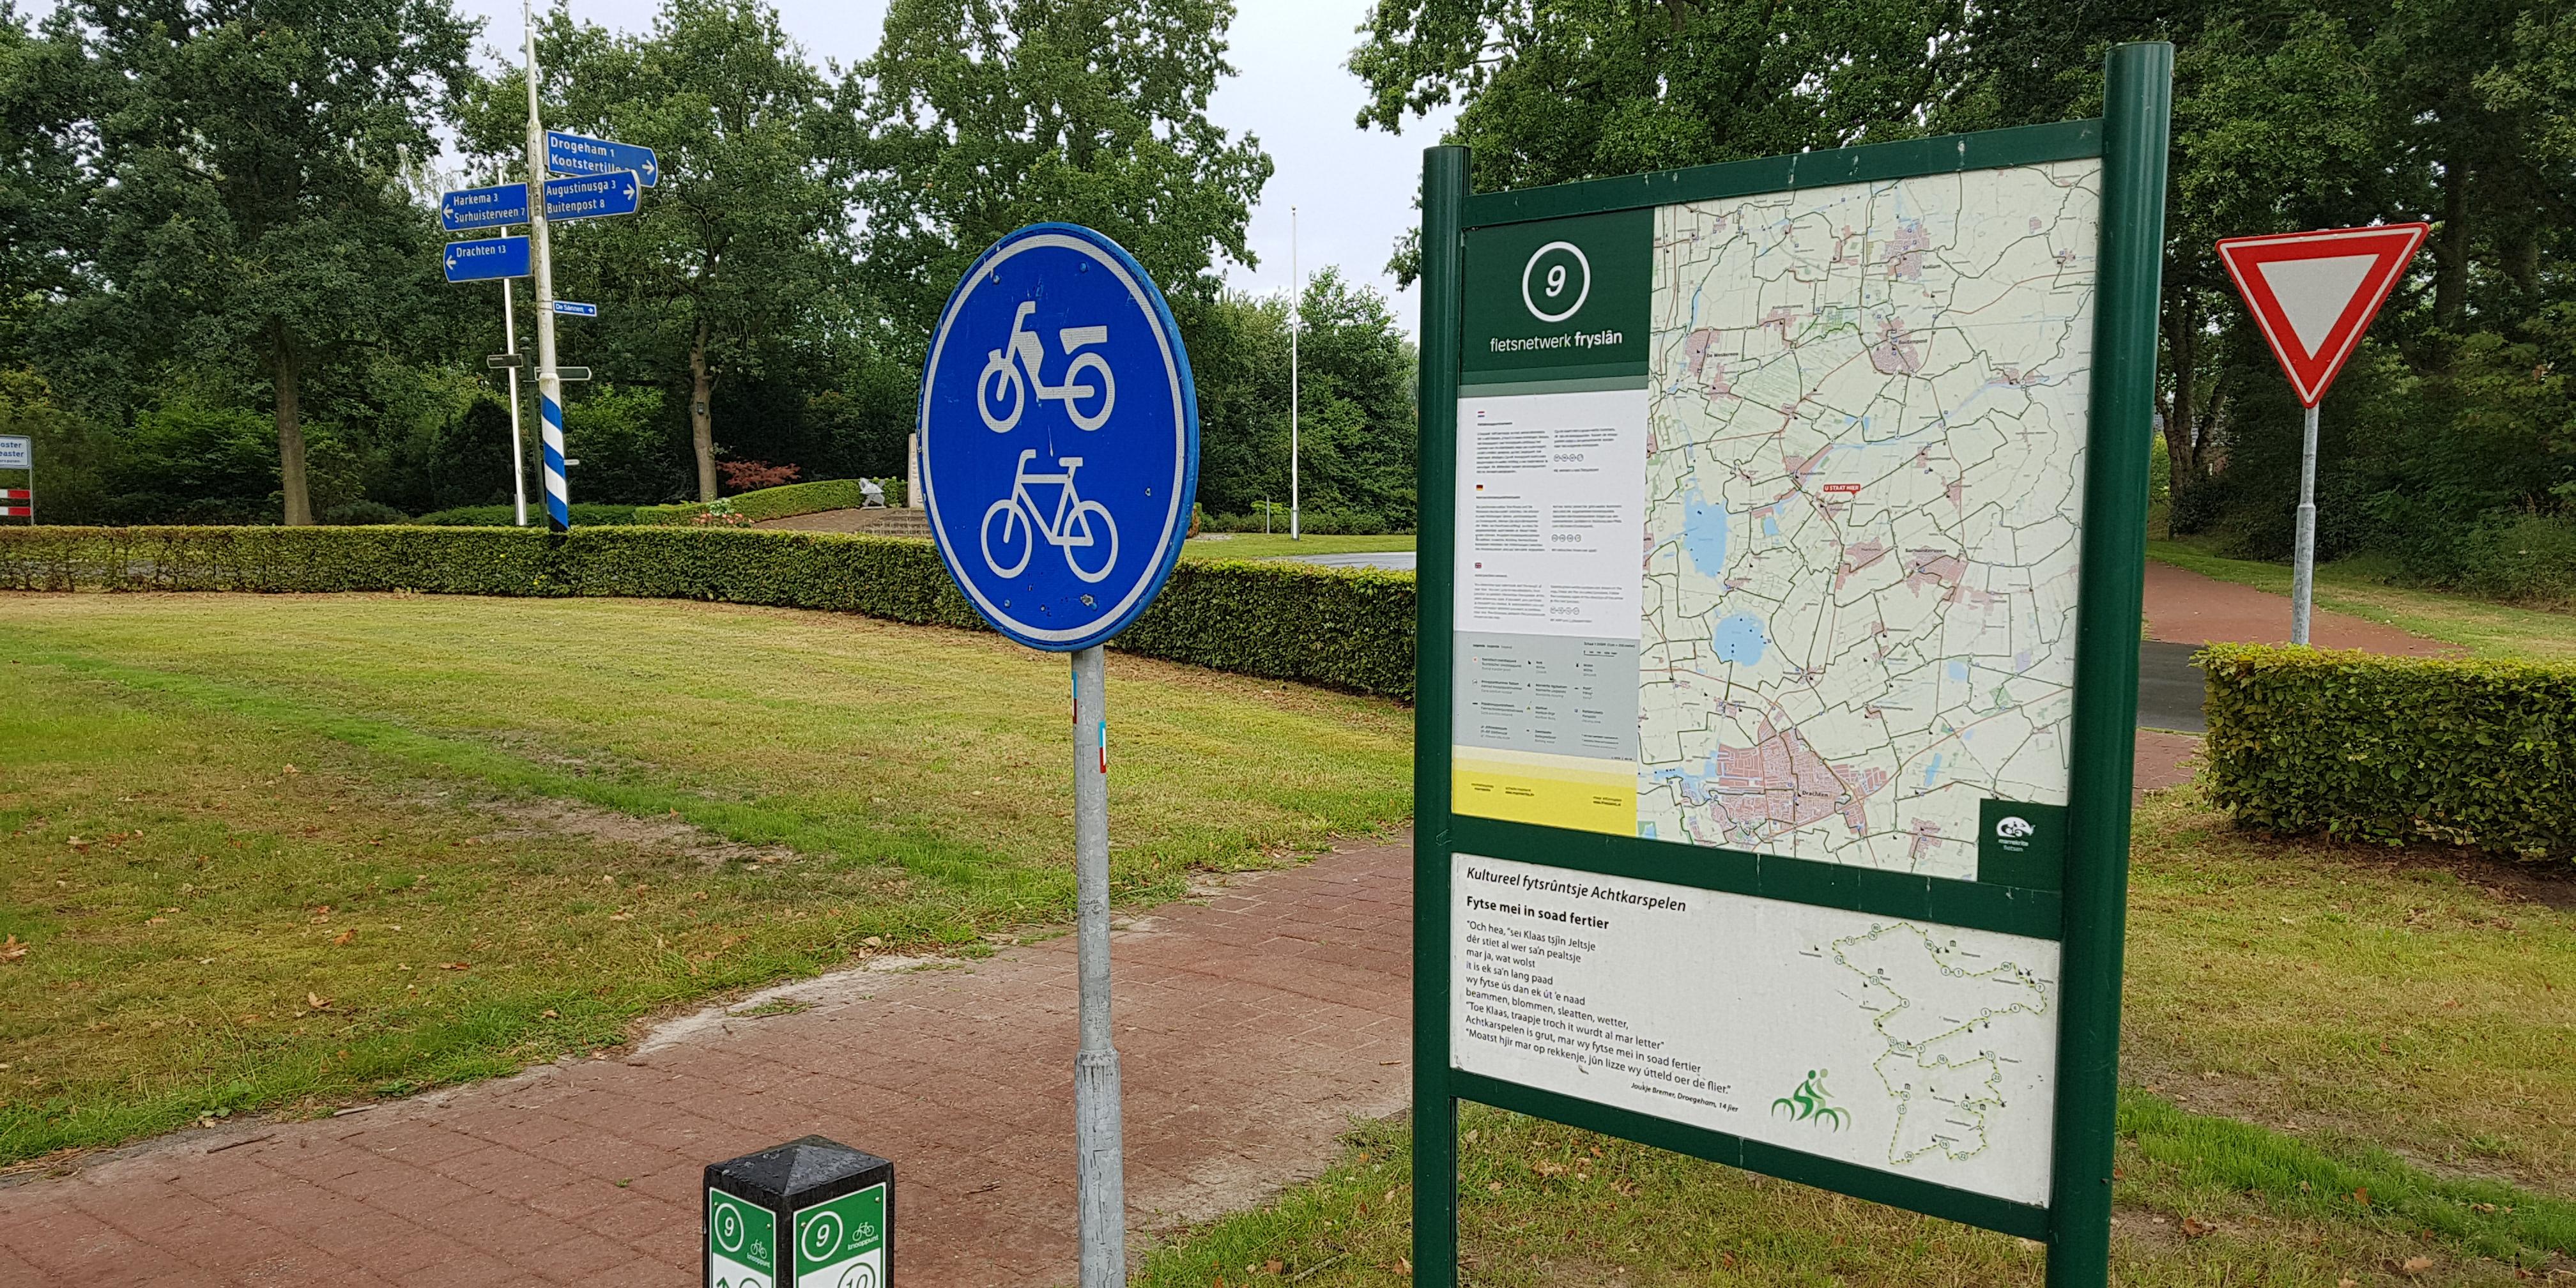 Fietsnetwerk Fryslân